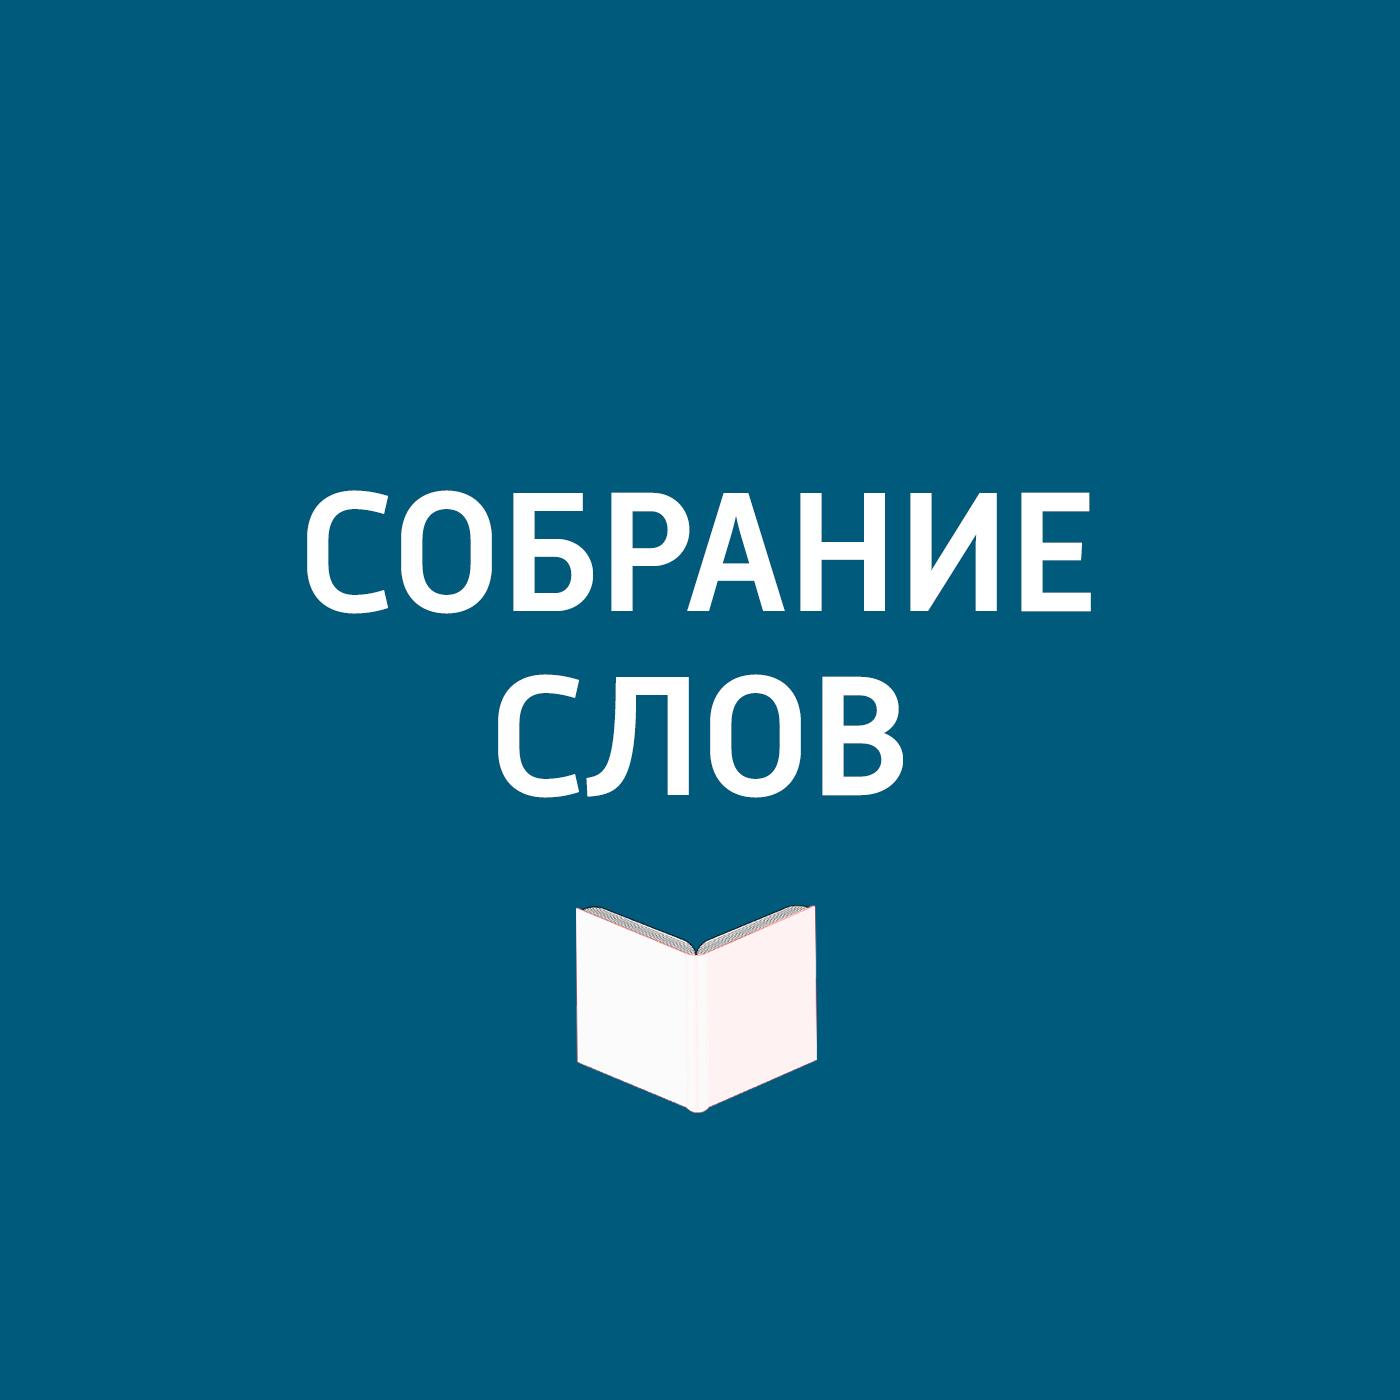 Творческий коллектив программы «Собрание слов» Большое интервью Владимира Хотиненко